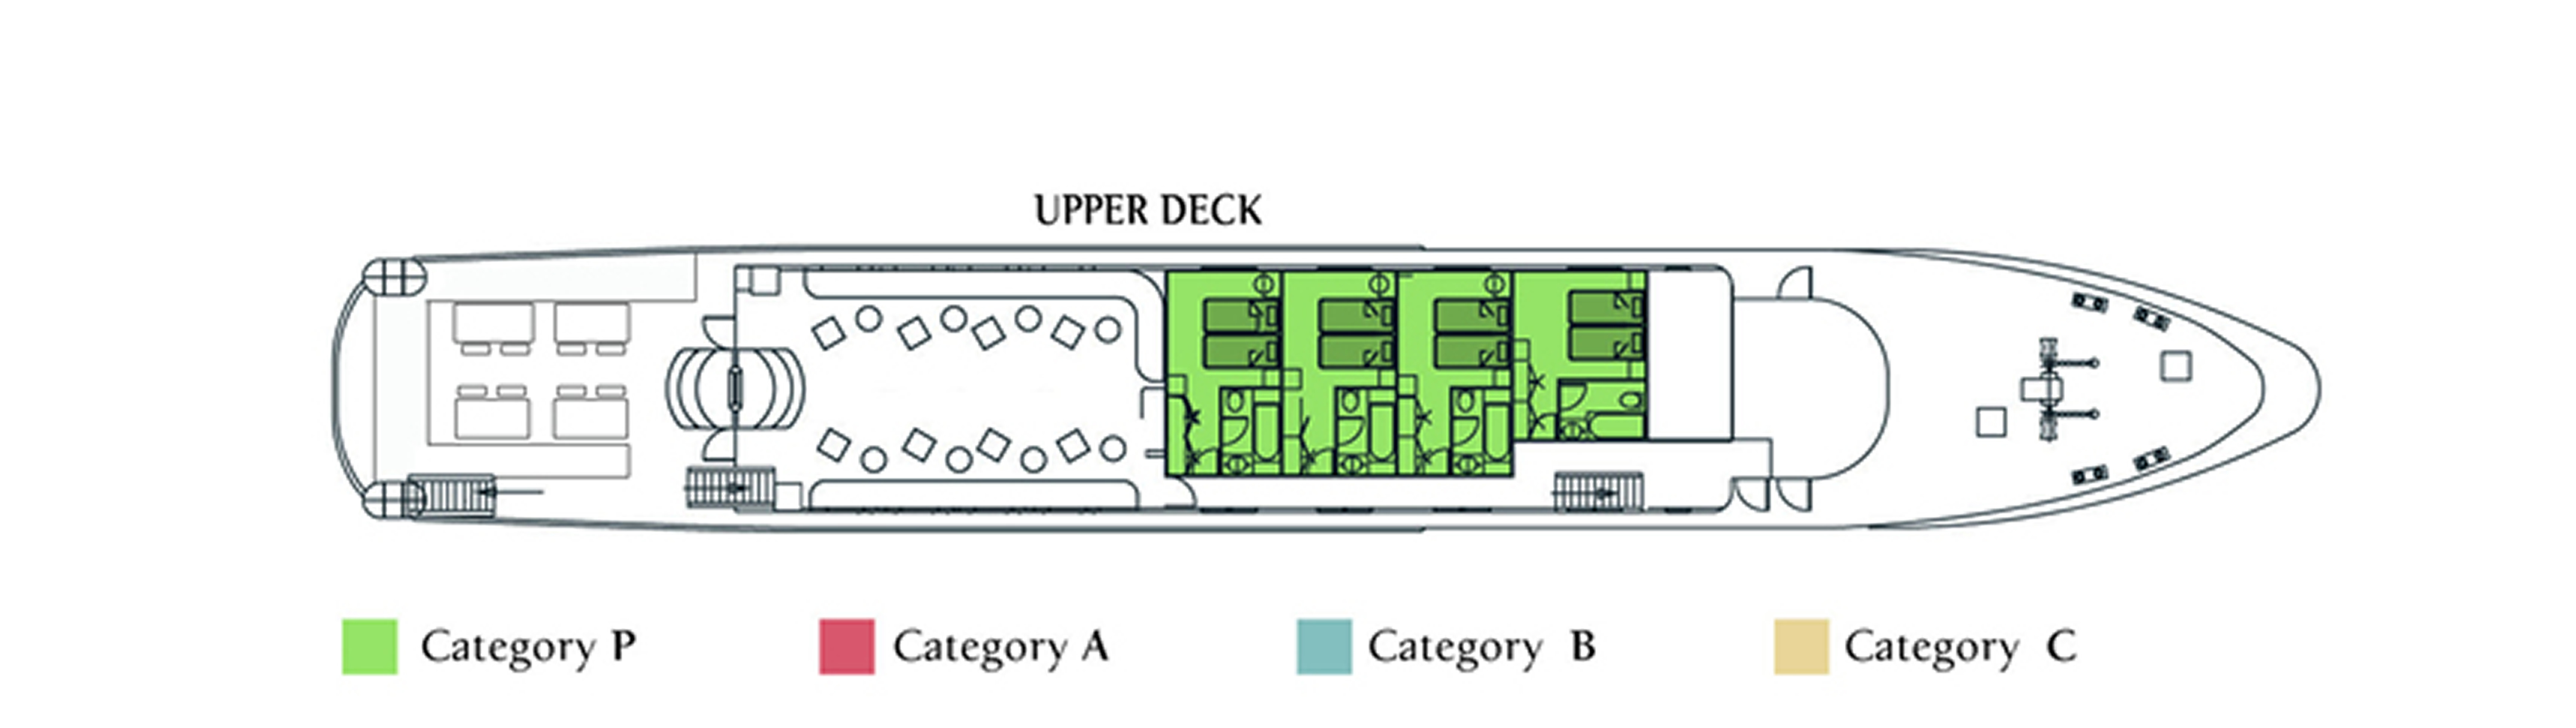 M/Y Harmony G, Upper Deck